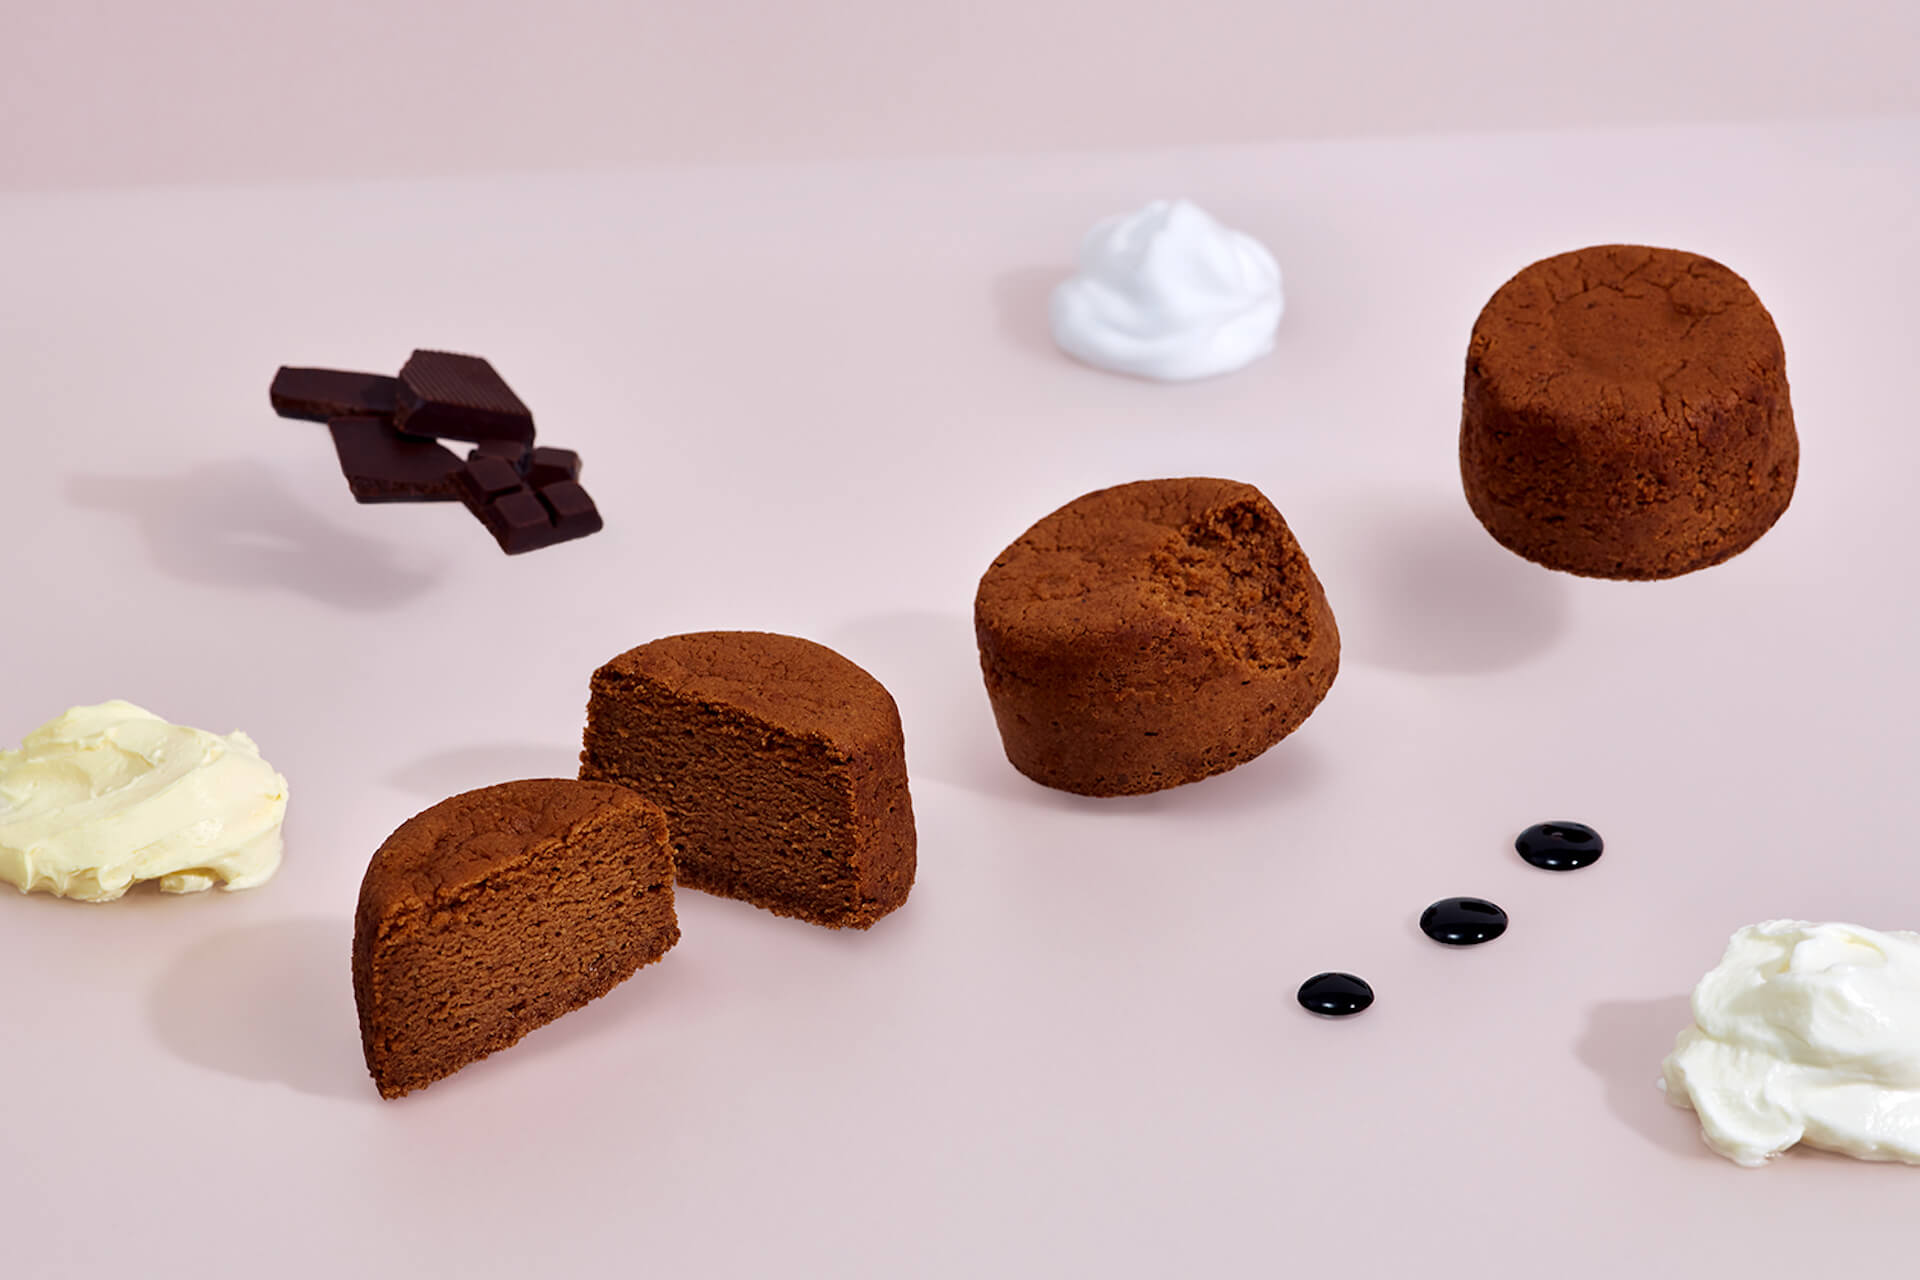 「チーズころん by BAKE CHEESE TART」のグランドオープン記念で新商品「ころんとチーズプリン」が発売決定!限定セットBOXも gourmet210628_bake_cheese_3